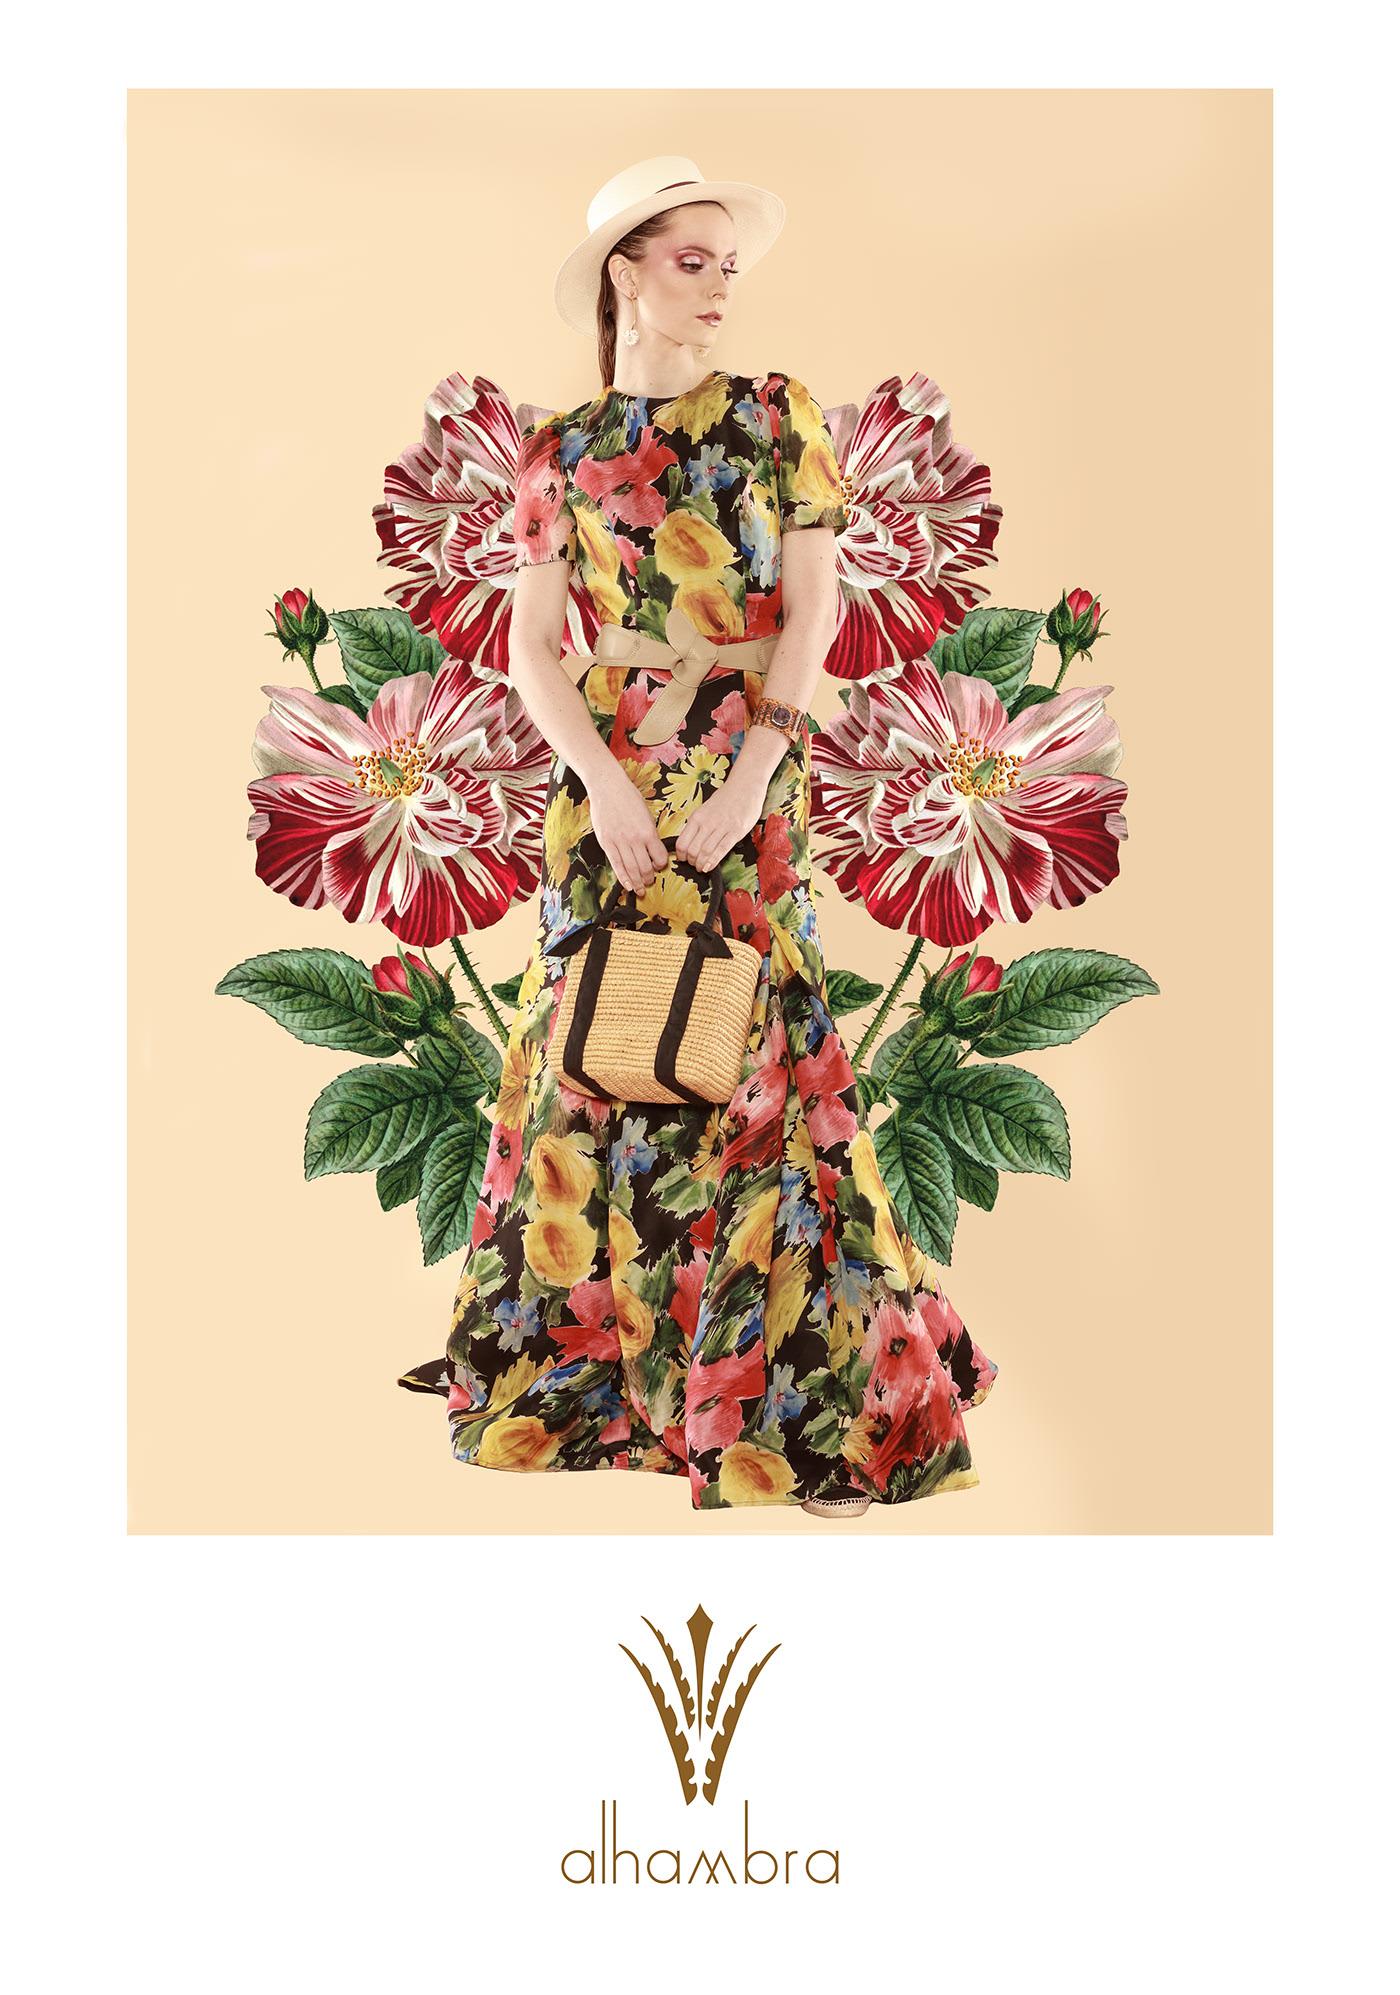 fashion photography alhambra luciano koenig dupont